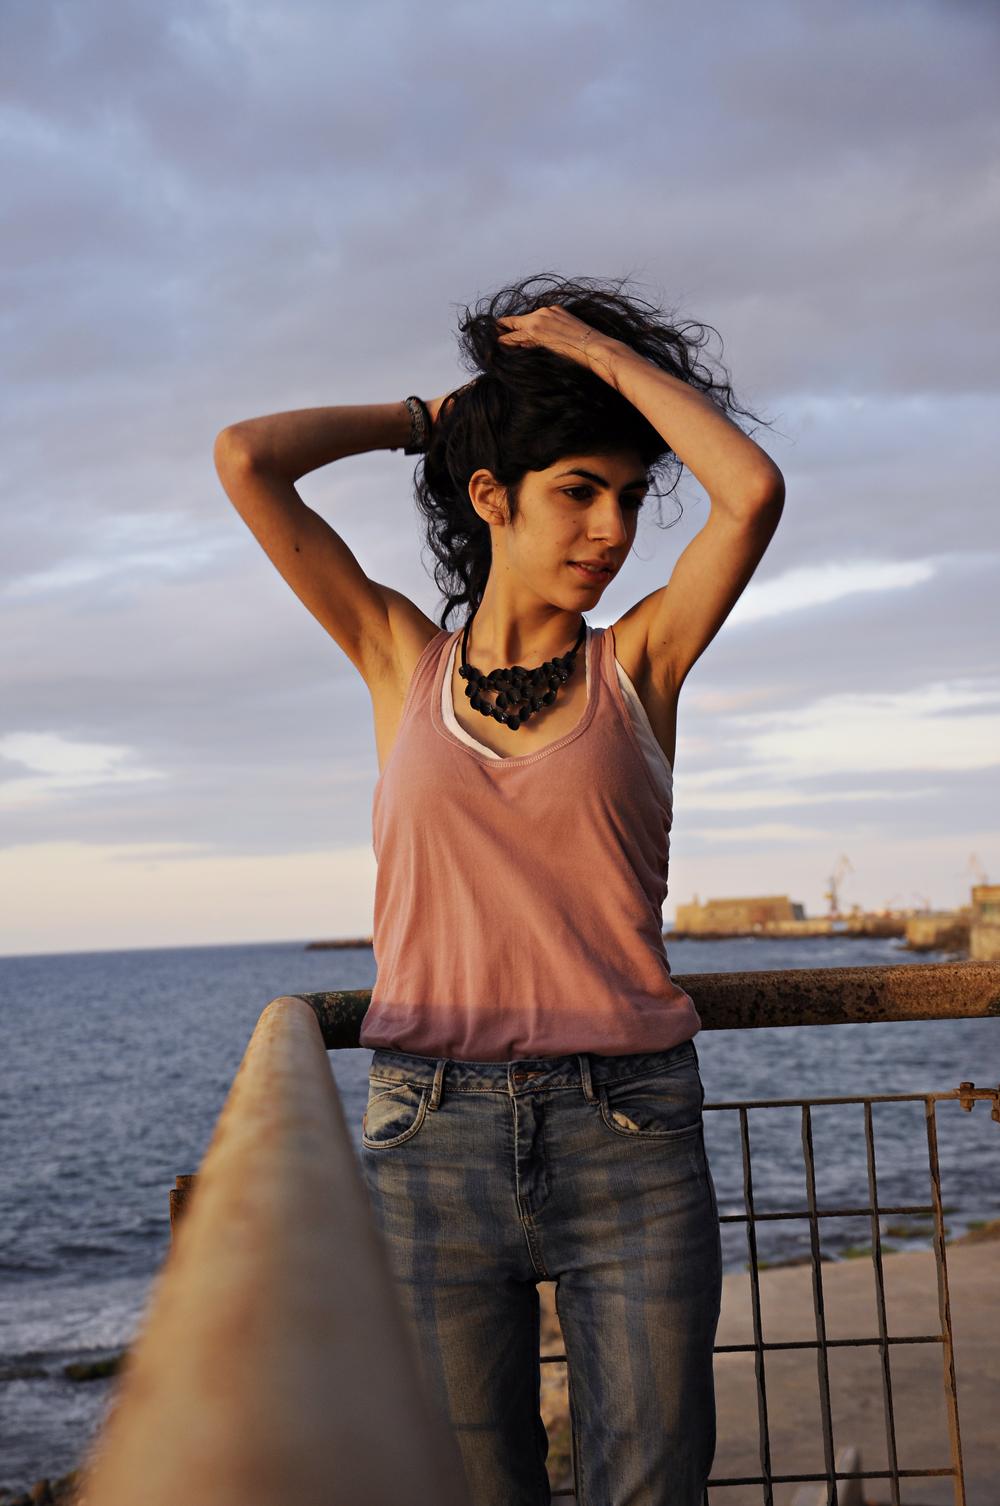 photoshoot for the pistachio shells necklace, photos by Vasilis Ioakeimidis